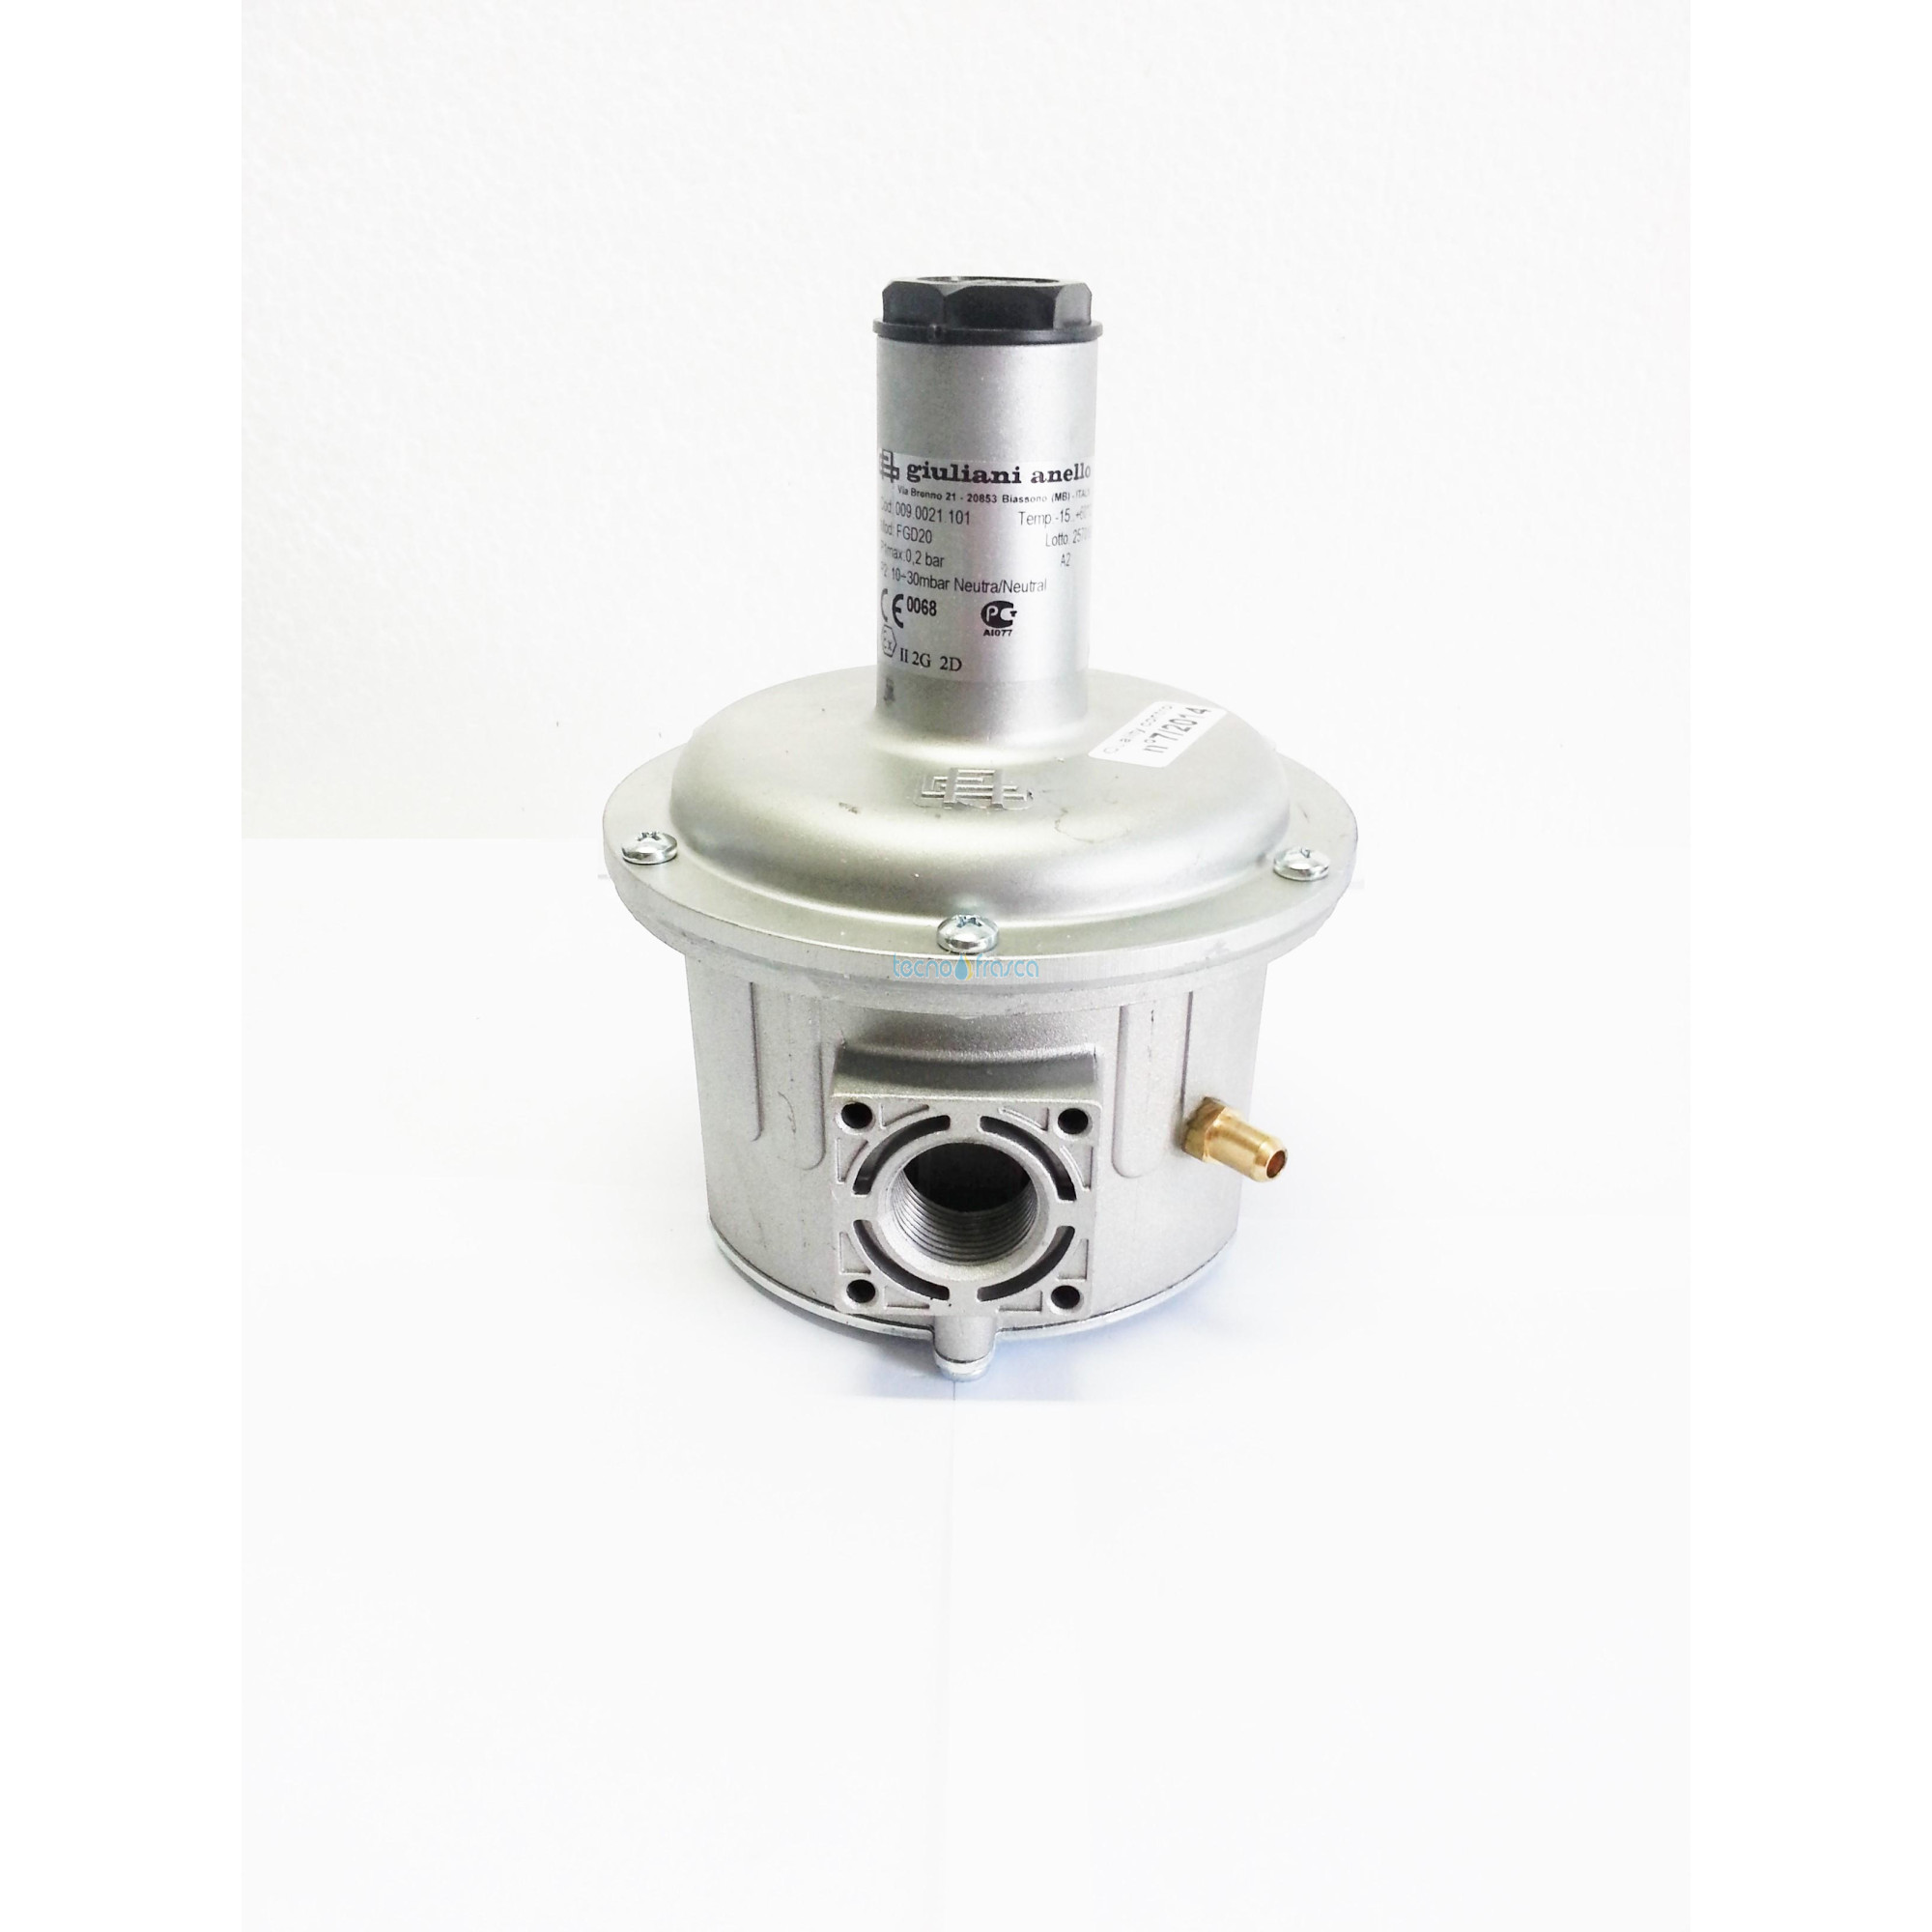 Regolatore con filtro 3/4 fgd20 con molla netura 10-30mbar